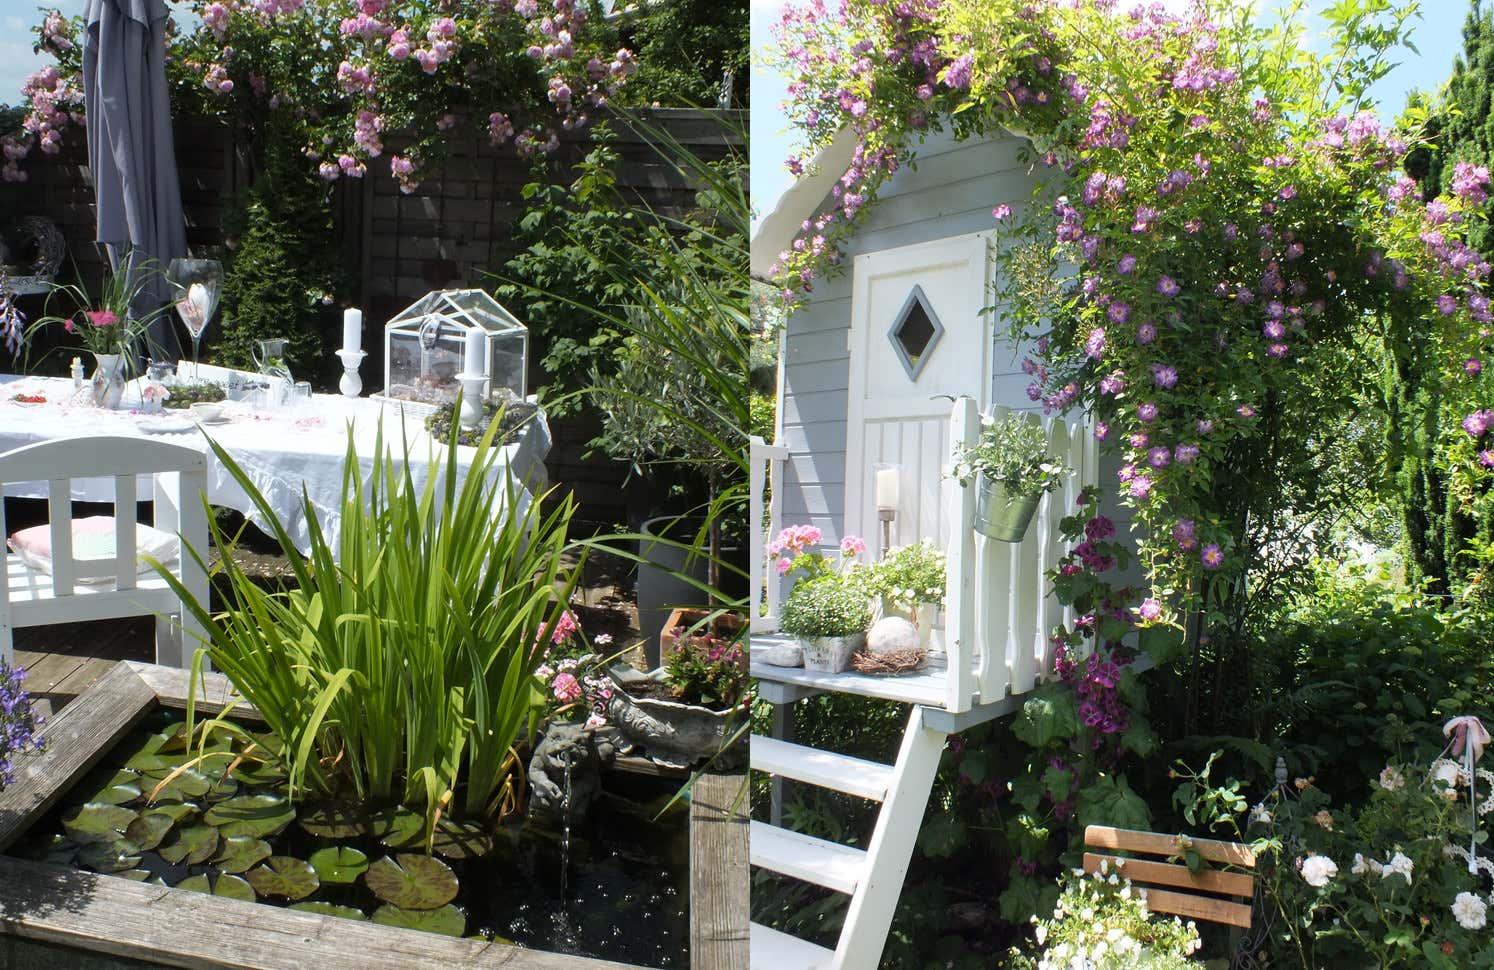 Die gemütliche Sitzecke und das Baumhäuschen sind ein echter Hingucker und würden auch perfekt in jeden Cottage-Garten passen.